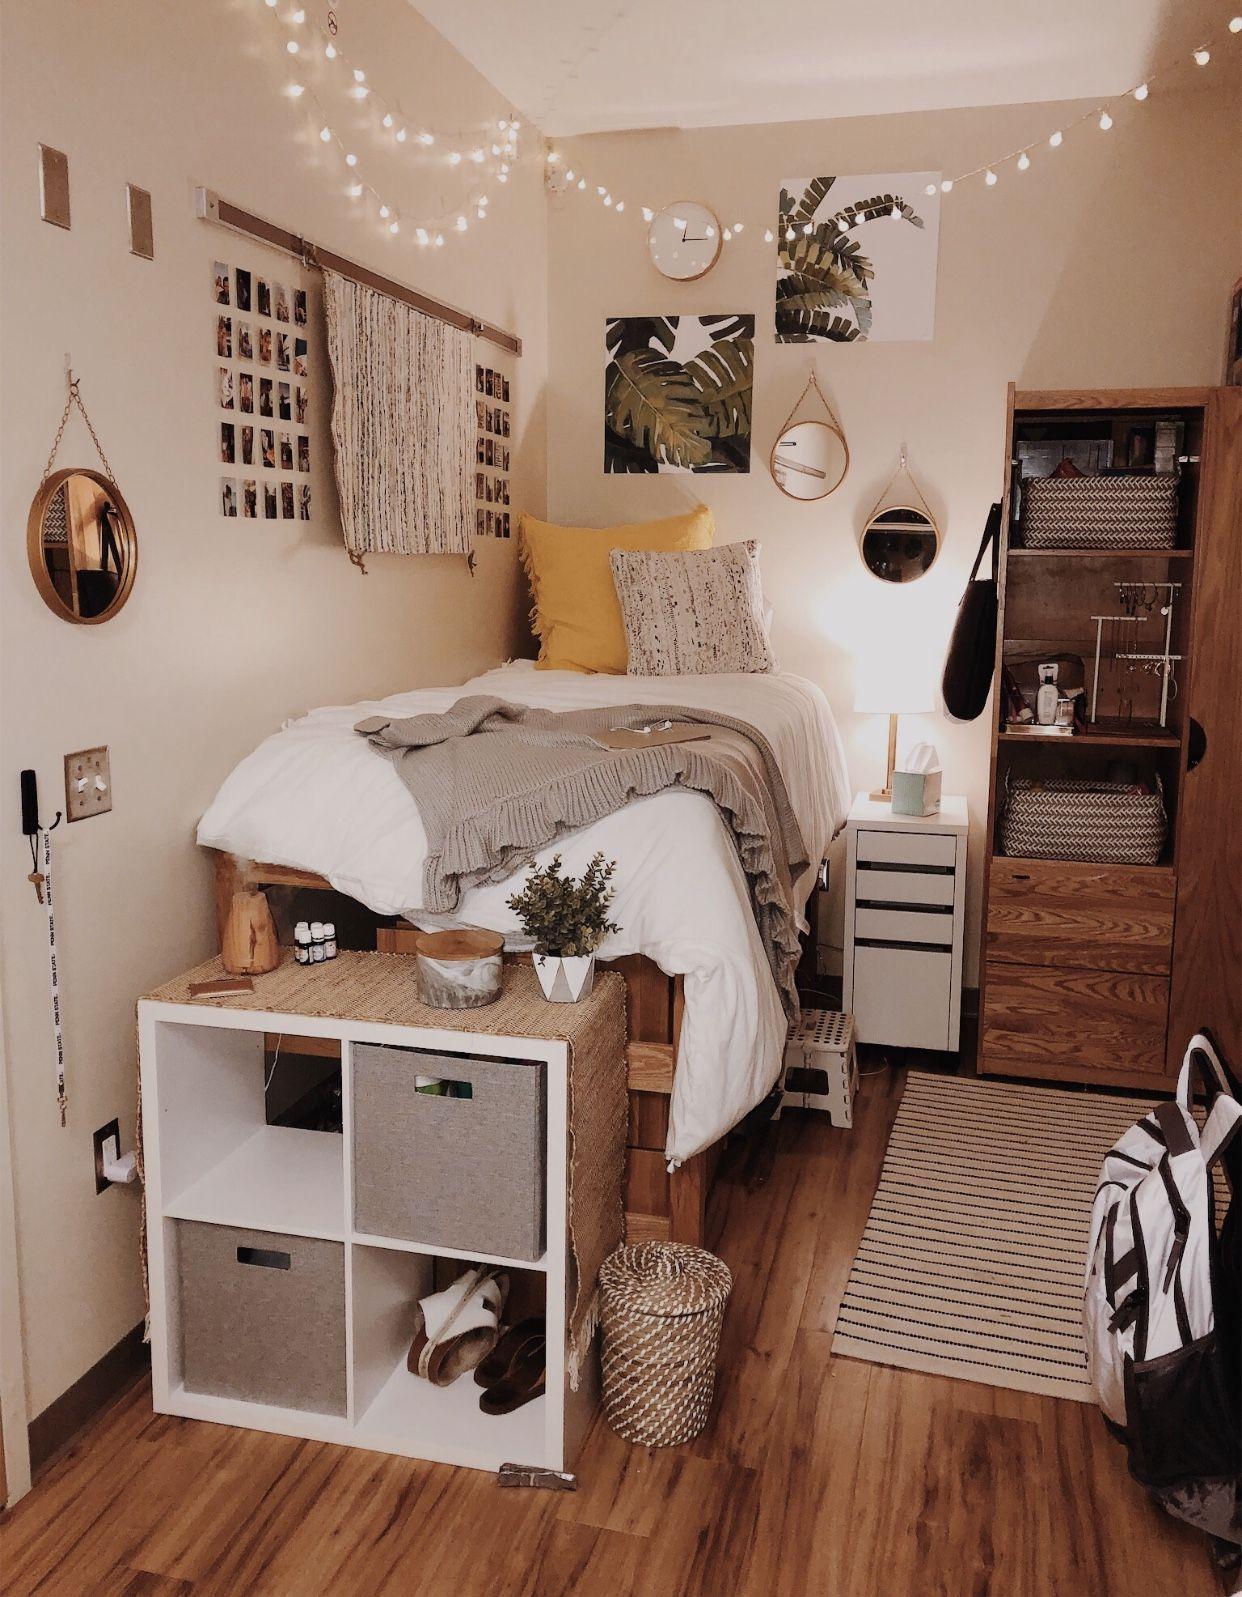 Dorm images